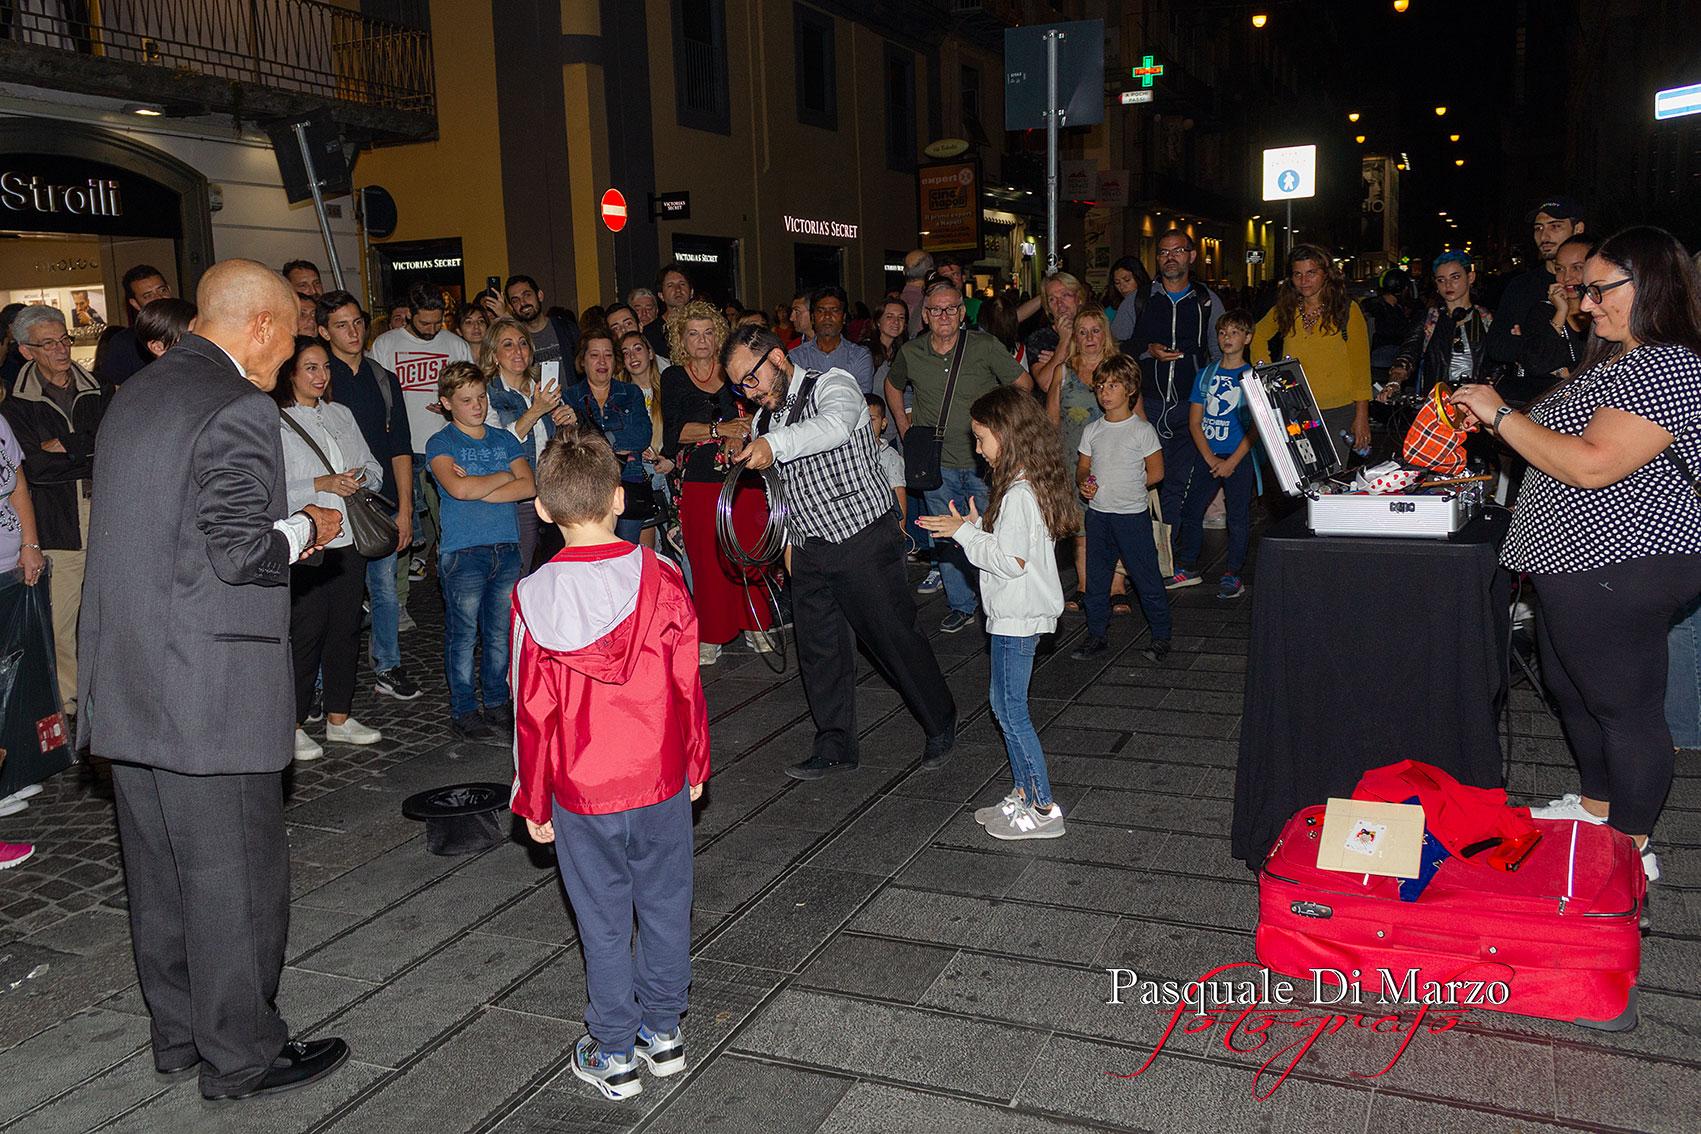 IMG 7020 A NAPOLI IN VIA TOLEDO LA SECONDA EDIZIONE DEL NAPOLI BUSKERS FESTIVAL, LA FOTOGALLERY